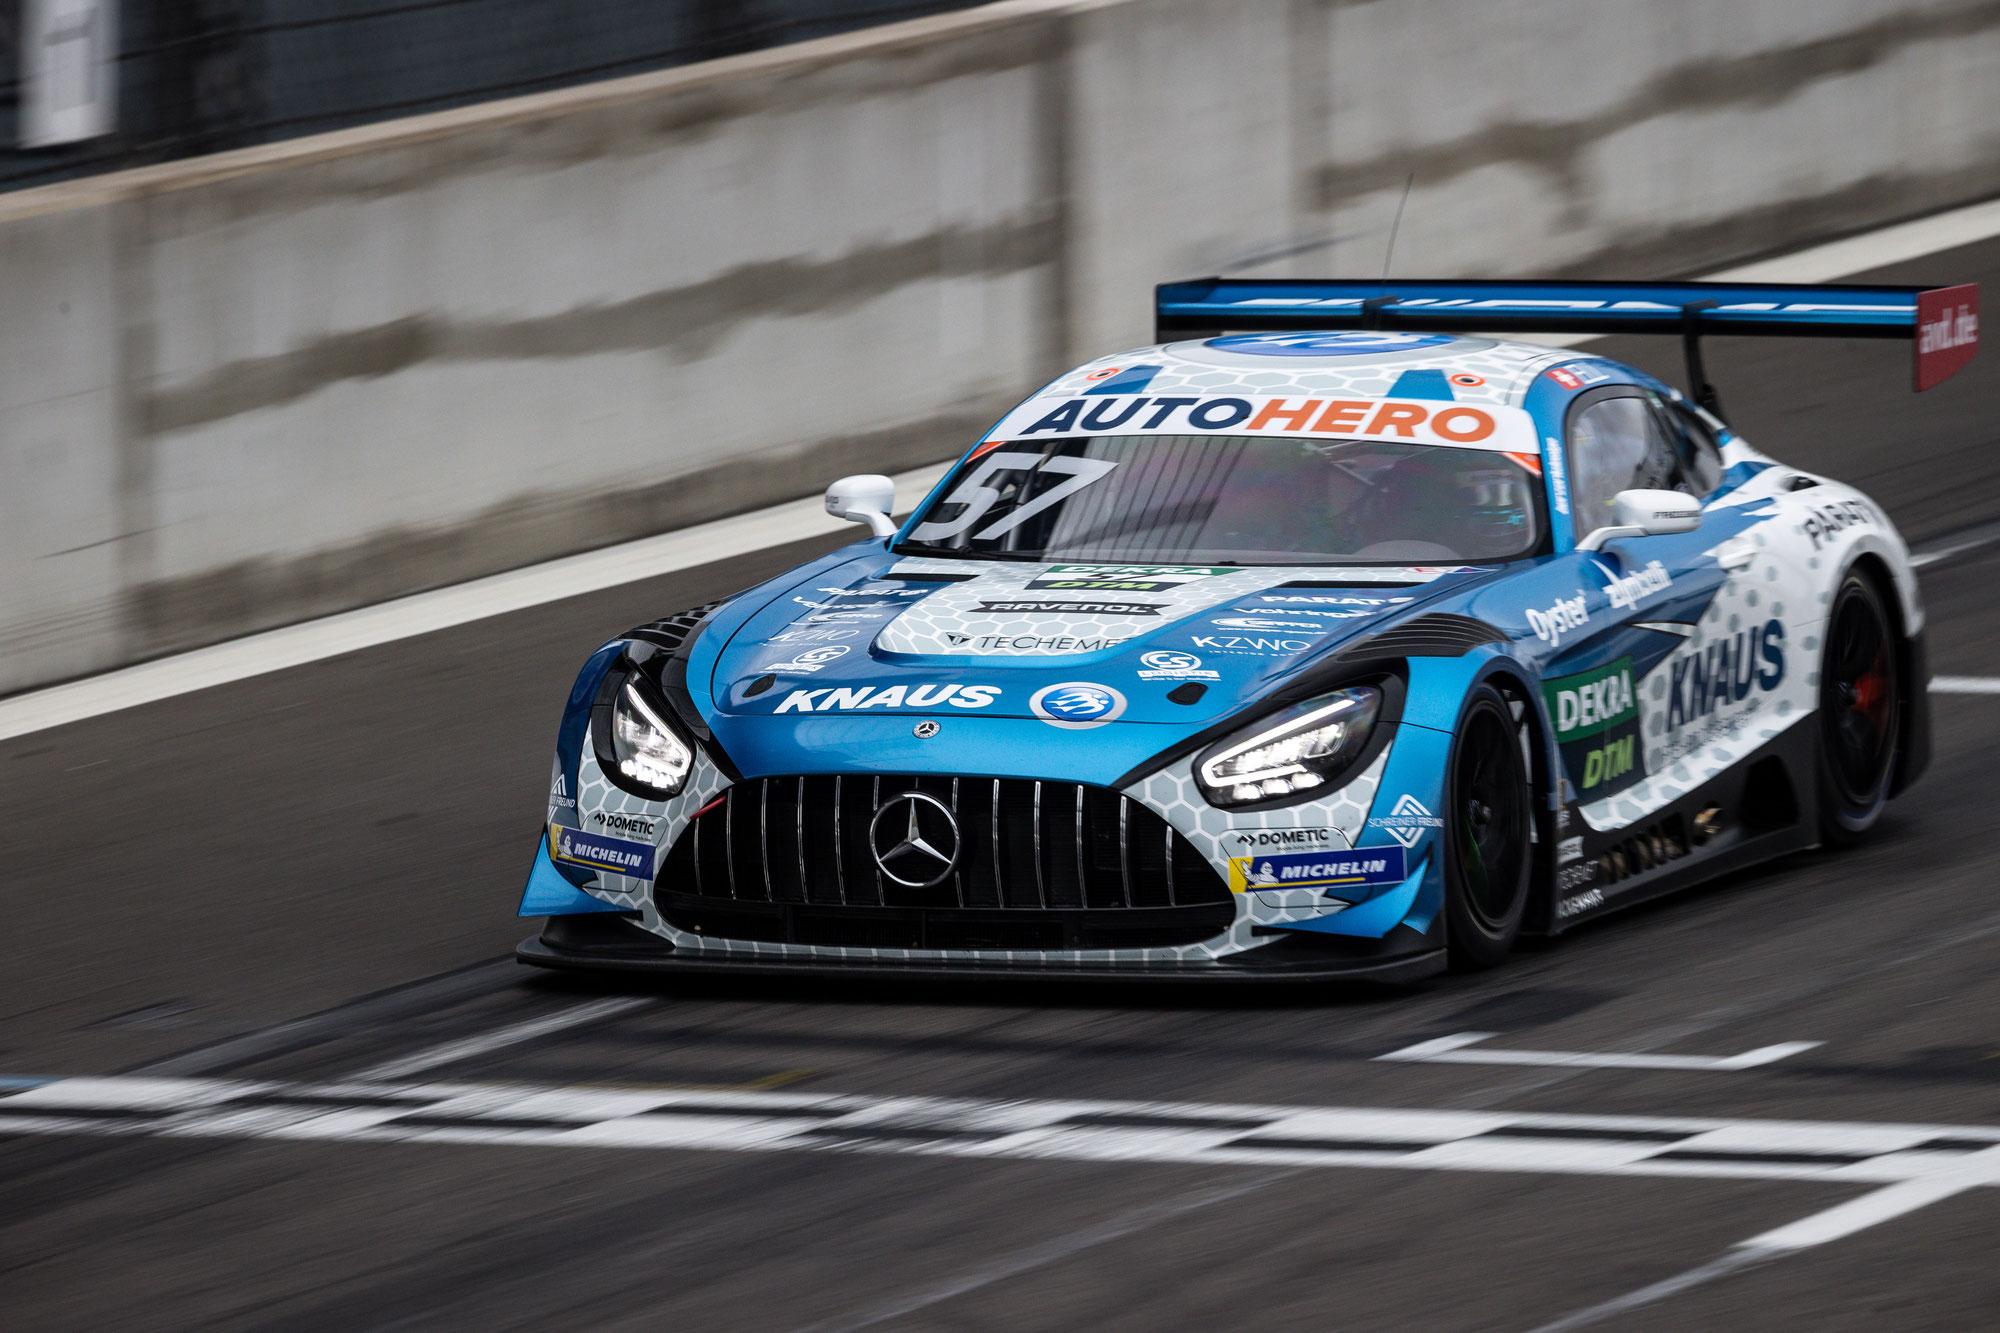 Testauftakt in der Lausitz: Schweizer DTM-Rookie Ellis setzt bei gemischter Witterung erste Bestzeit